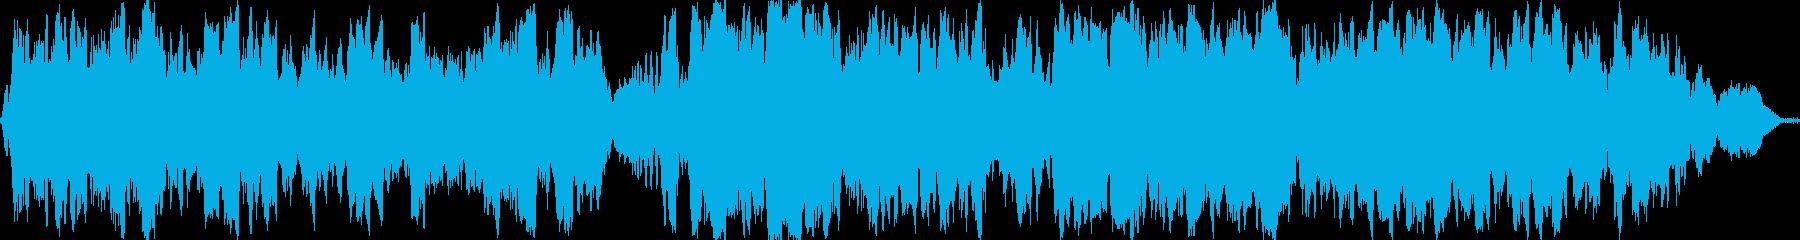 感動的な弦楽四重奏/高級感の演出にの再生済みの波形